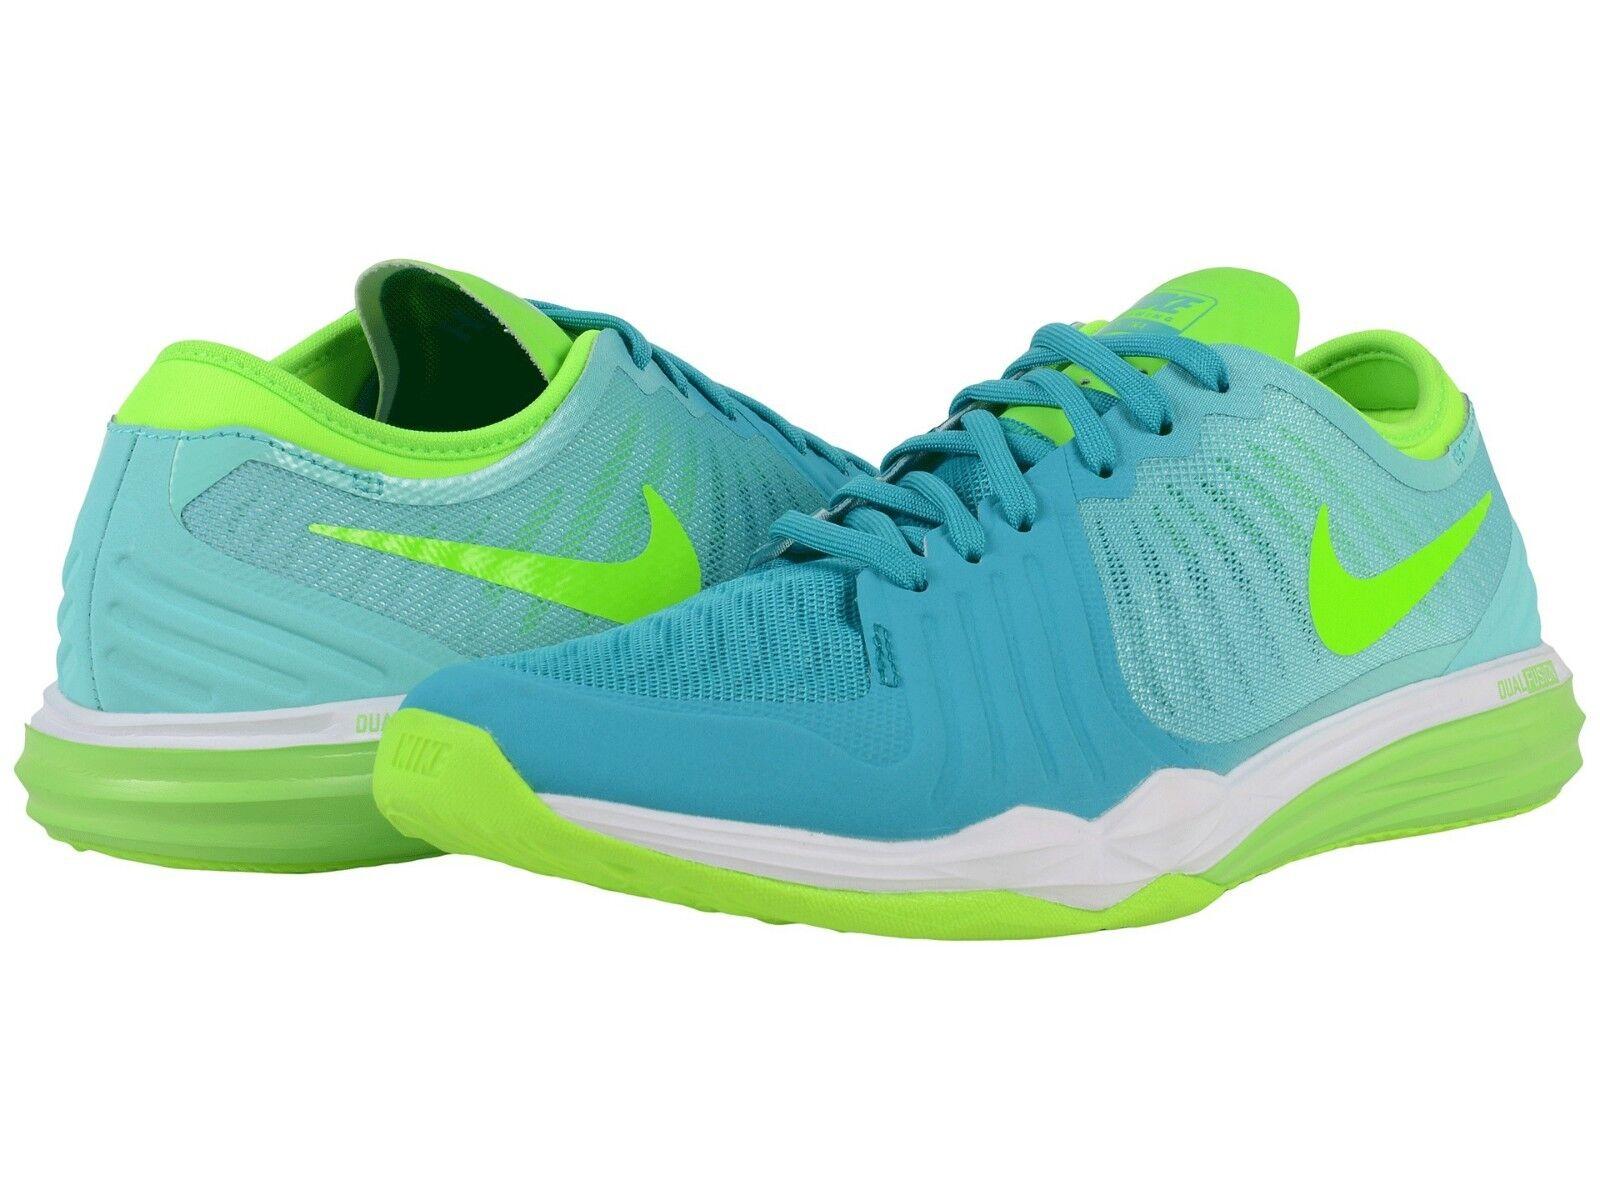 Nuove Nike Da Donna Doppia Fusione Tr 4 Print Misura 6,5 Turchese / Verde